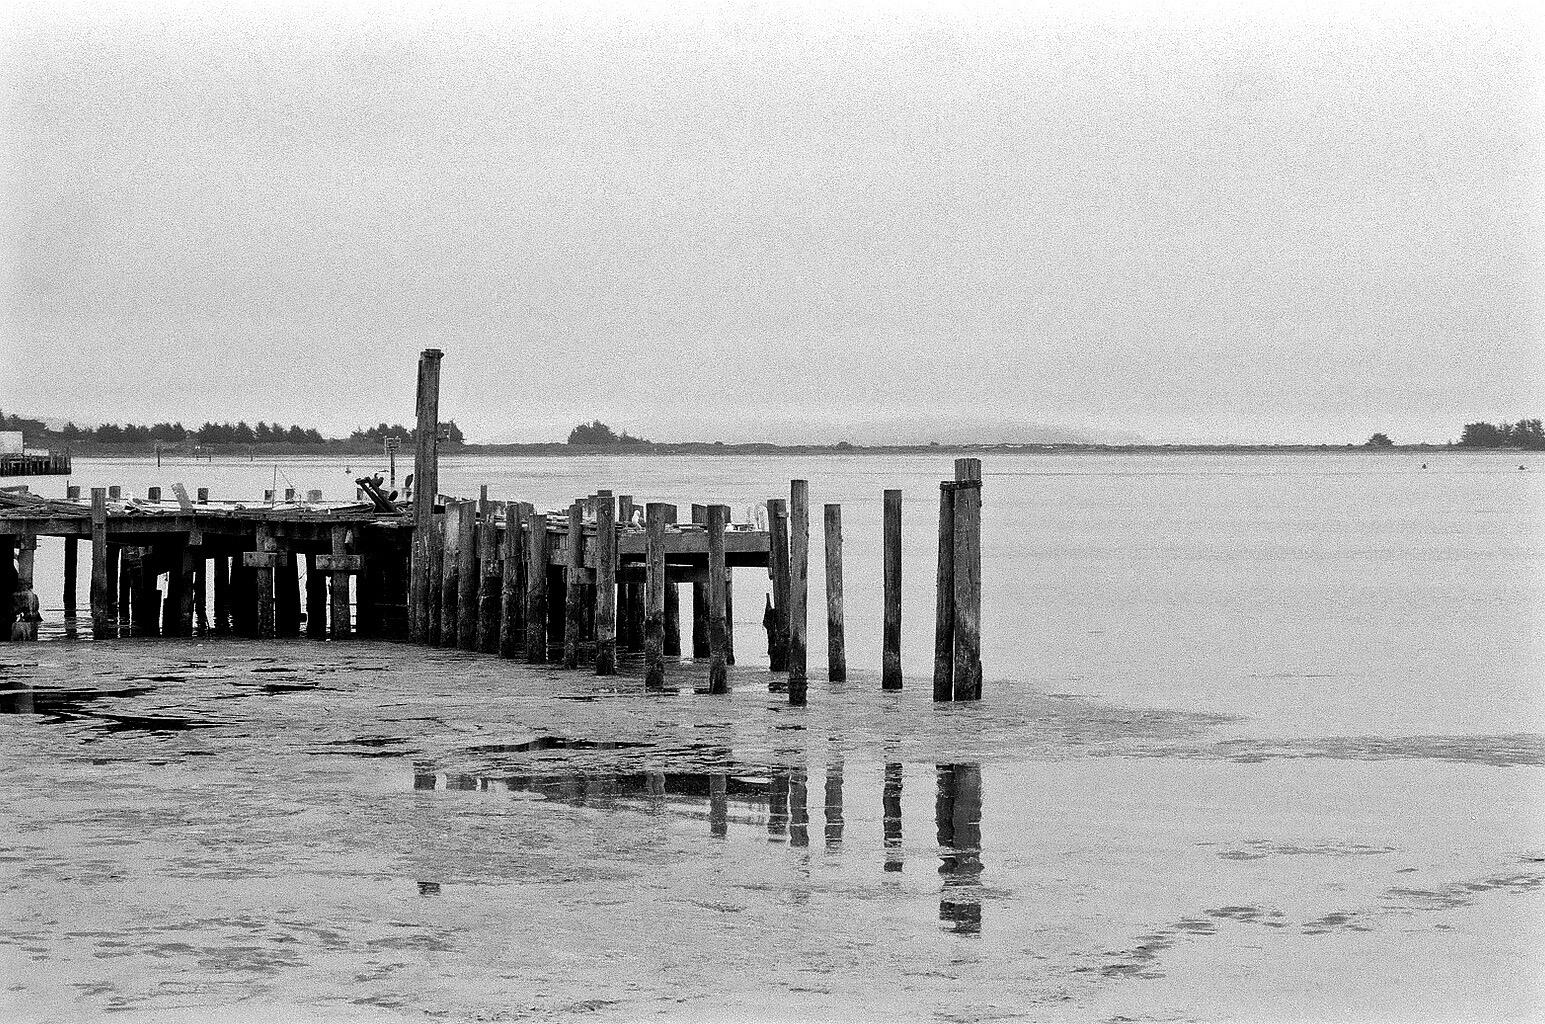 End of abandoned pier, Bodega Bay. Nikon F2A, 85mm f/1.4 Nikkor